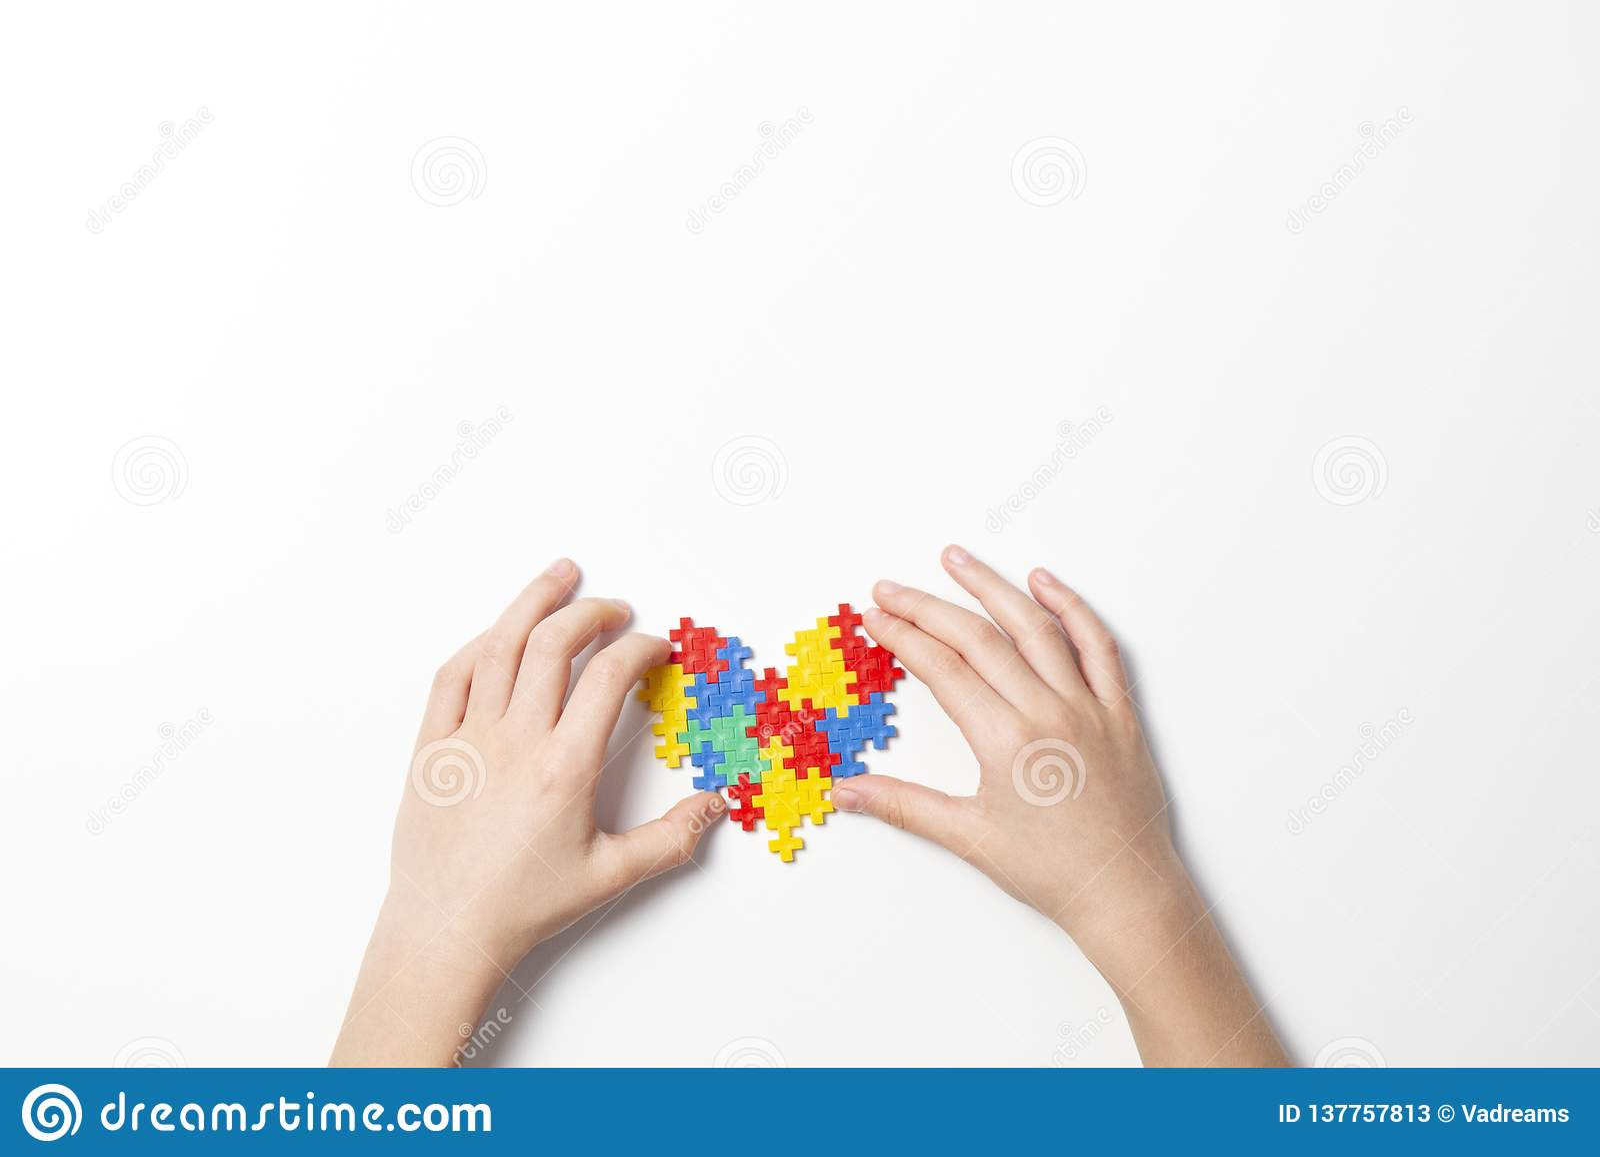 Χέρια παιδιών που κρατούν τη ζωηρόχρωμη καρδιά στο άσπρο υπόβαθρο Έννοια ημέρας συνειδητοποίησης παγκόσμιου αυτισμού